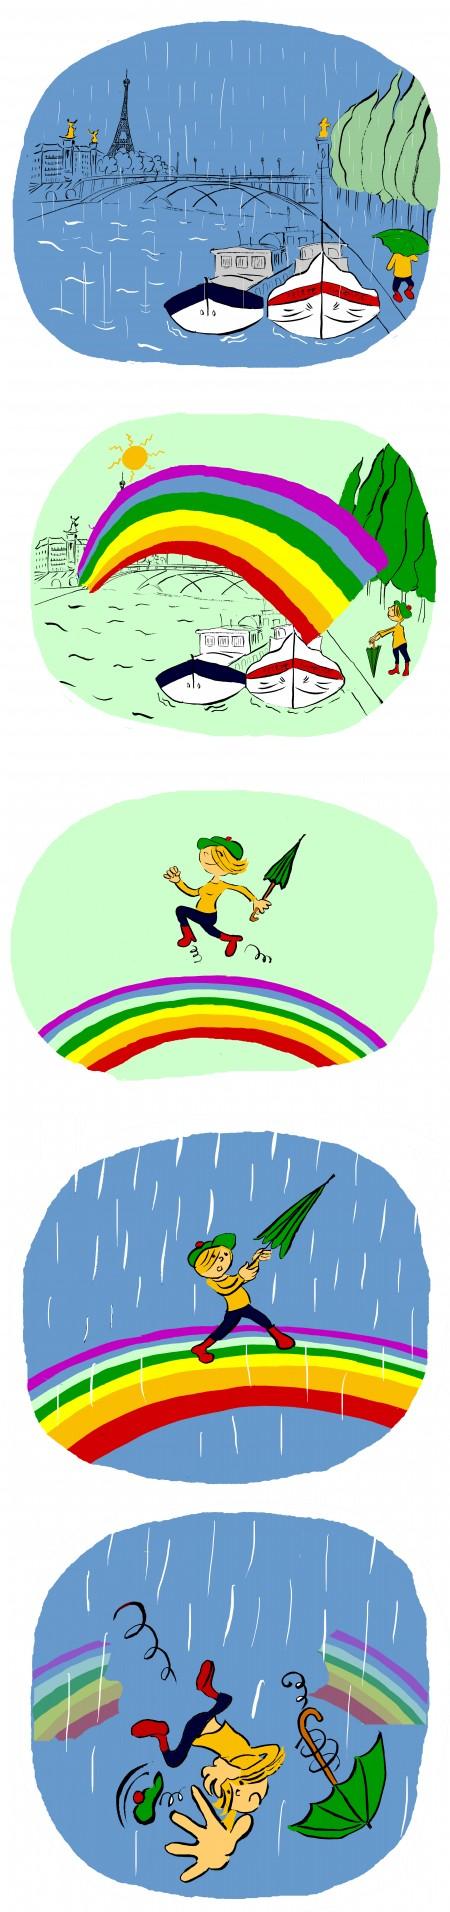 fanzine,zebra,bande dessinée,bd,lola,strip,arc en ciel,paris,seine,pluie,aurélie dekeyser